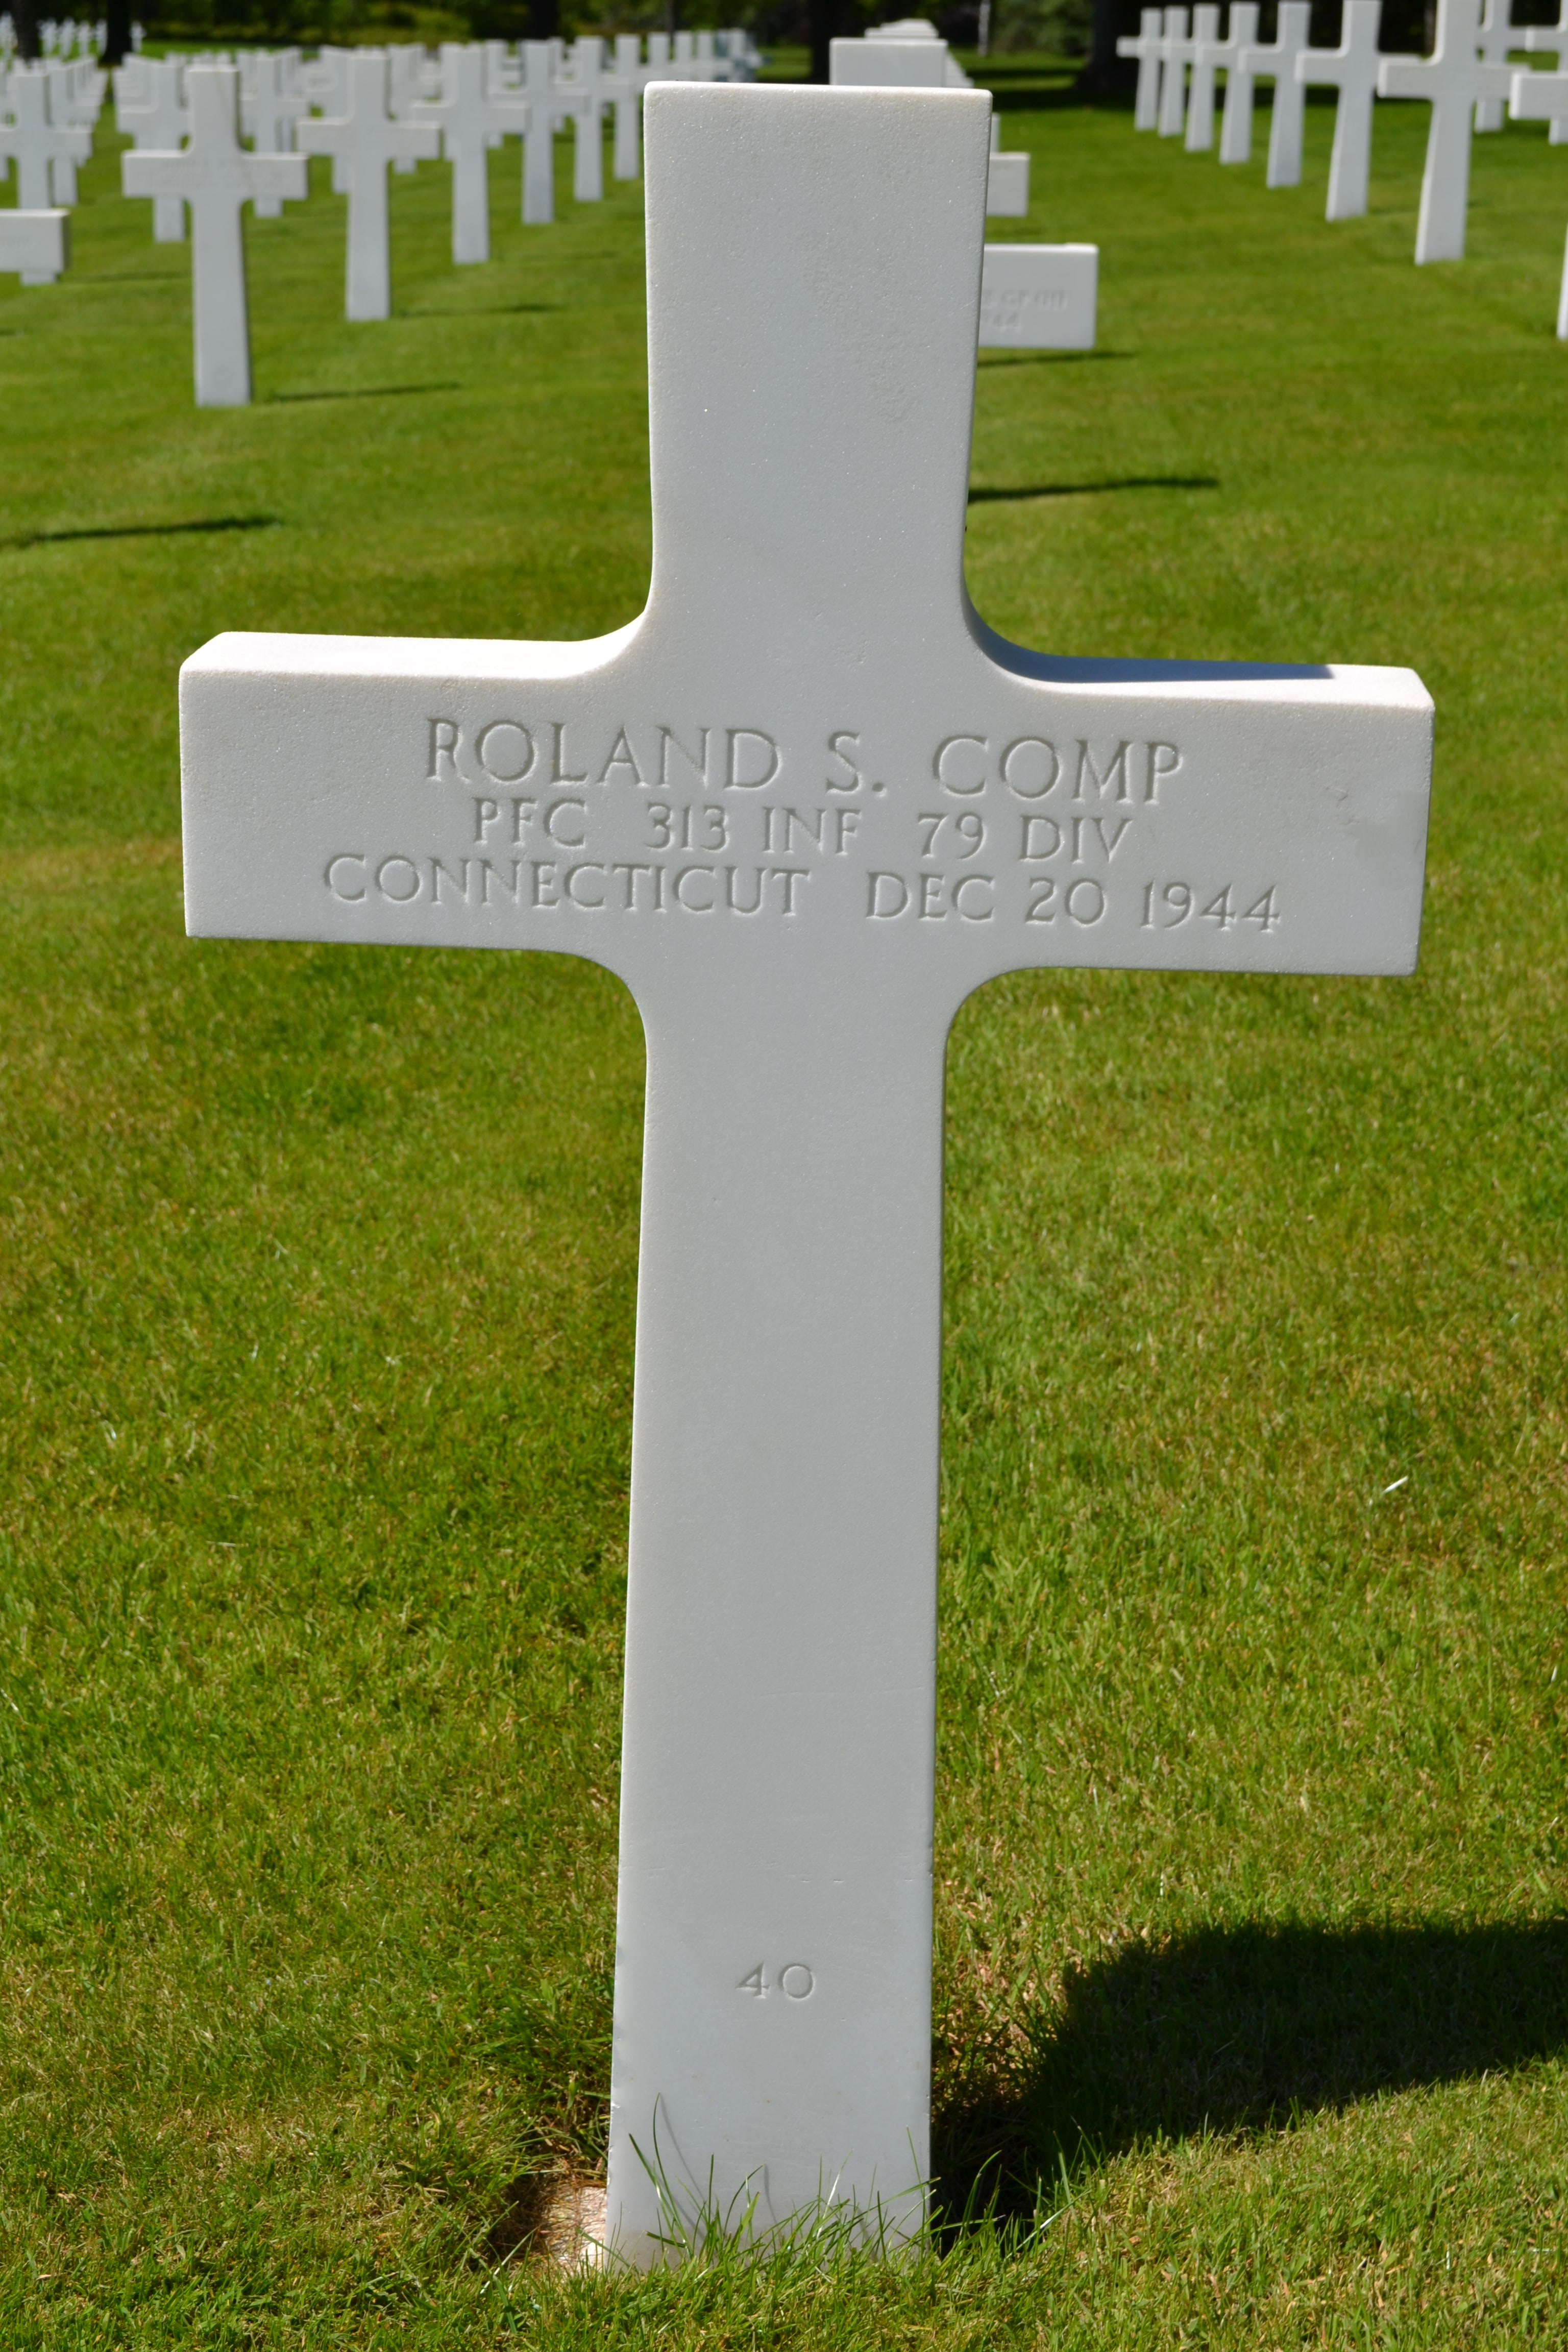 PFC Roland S Comp